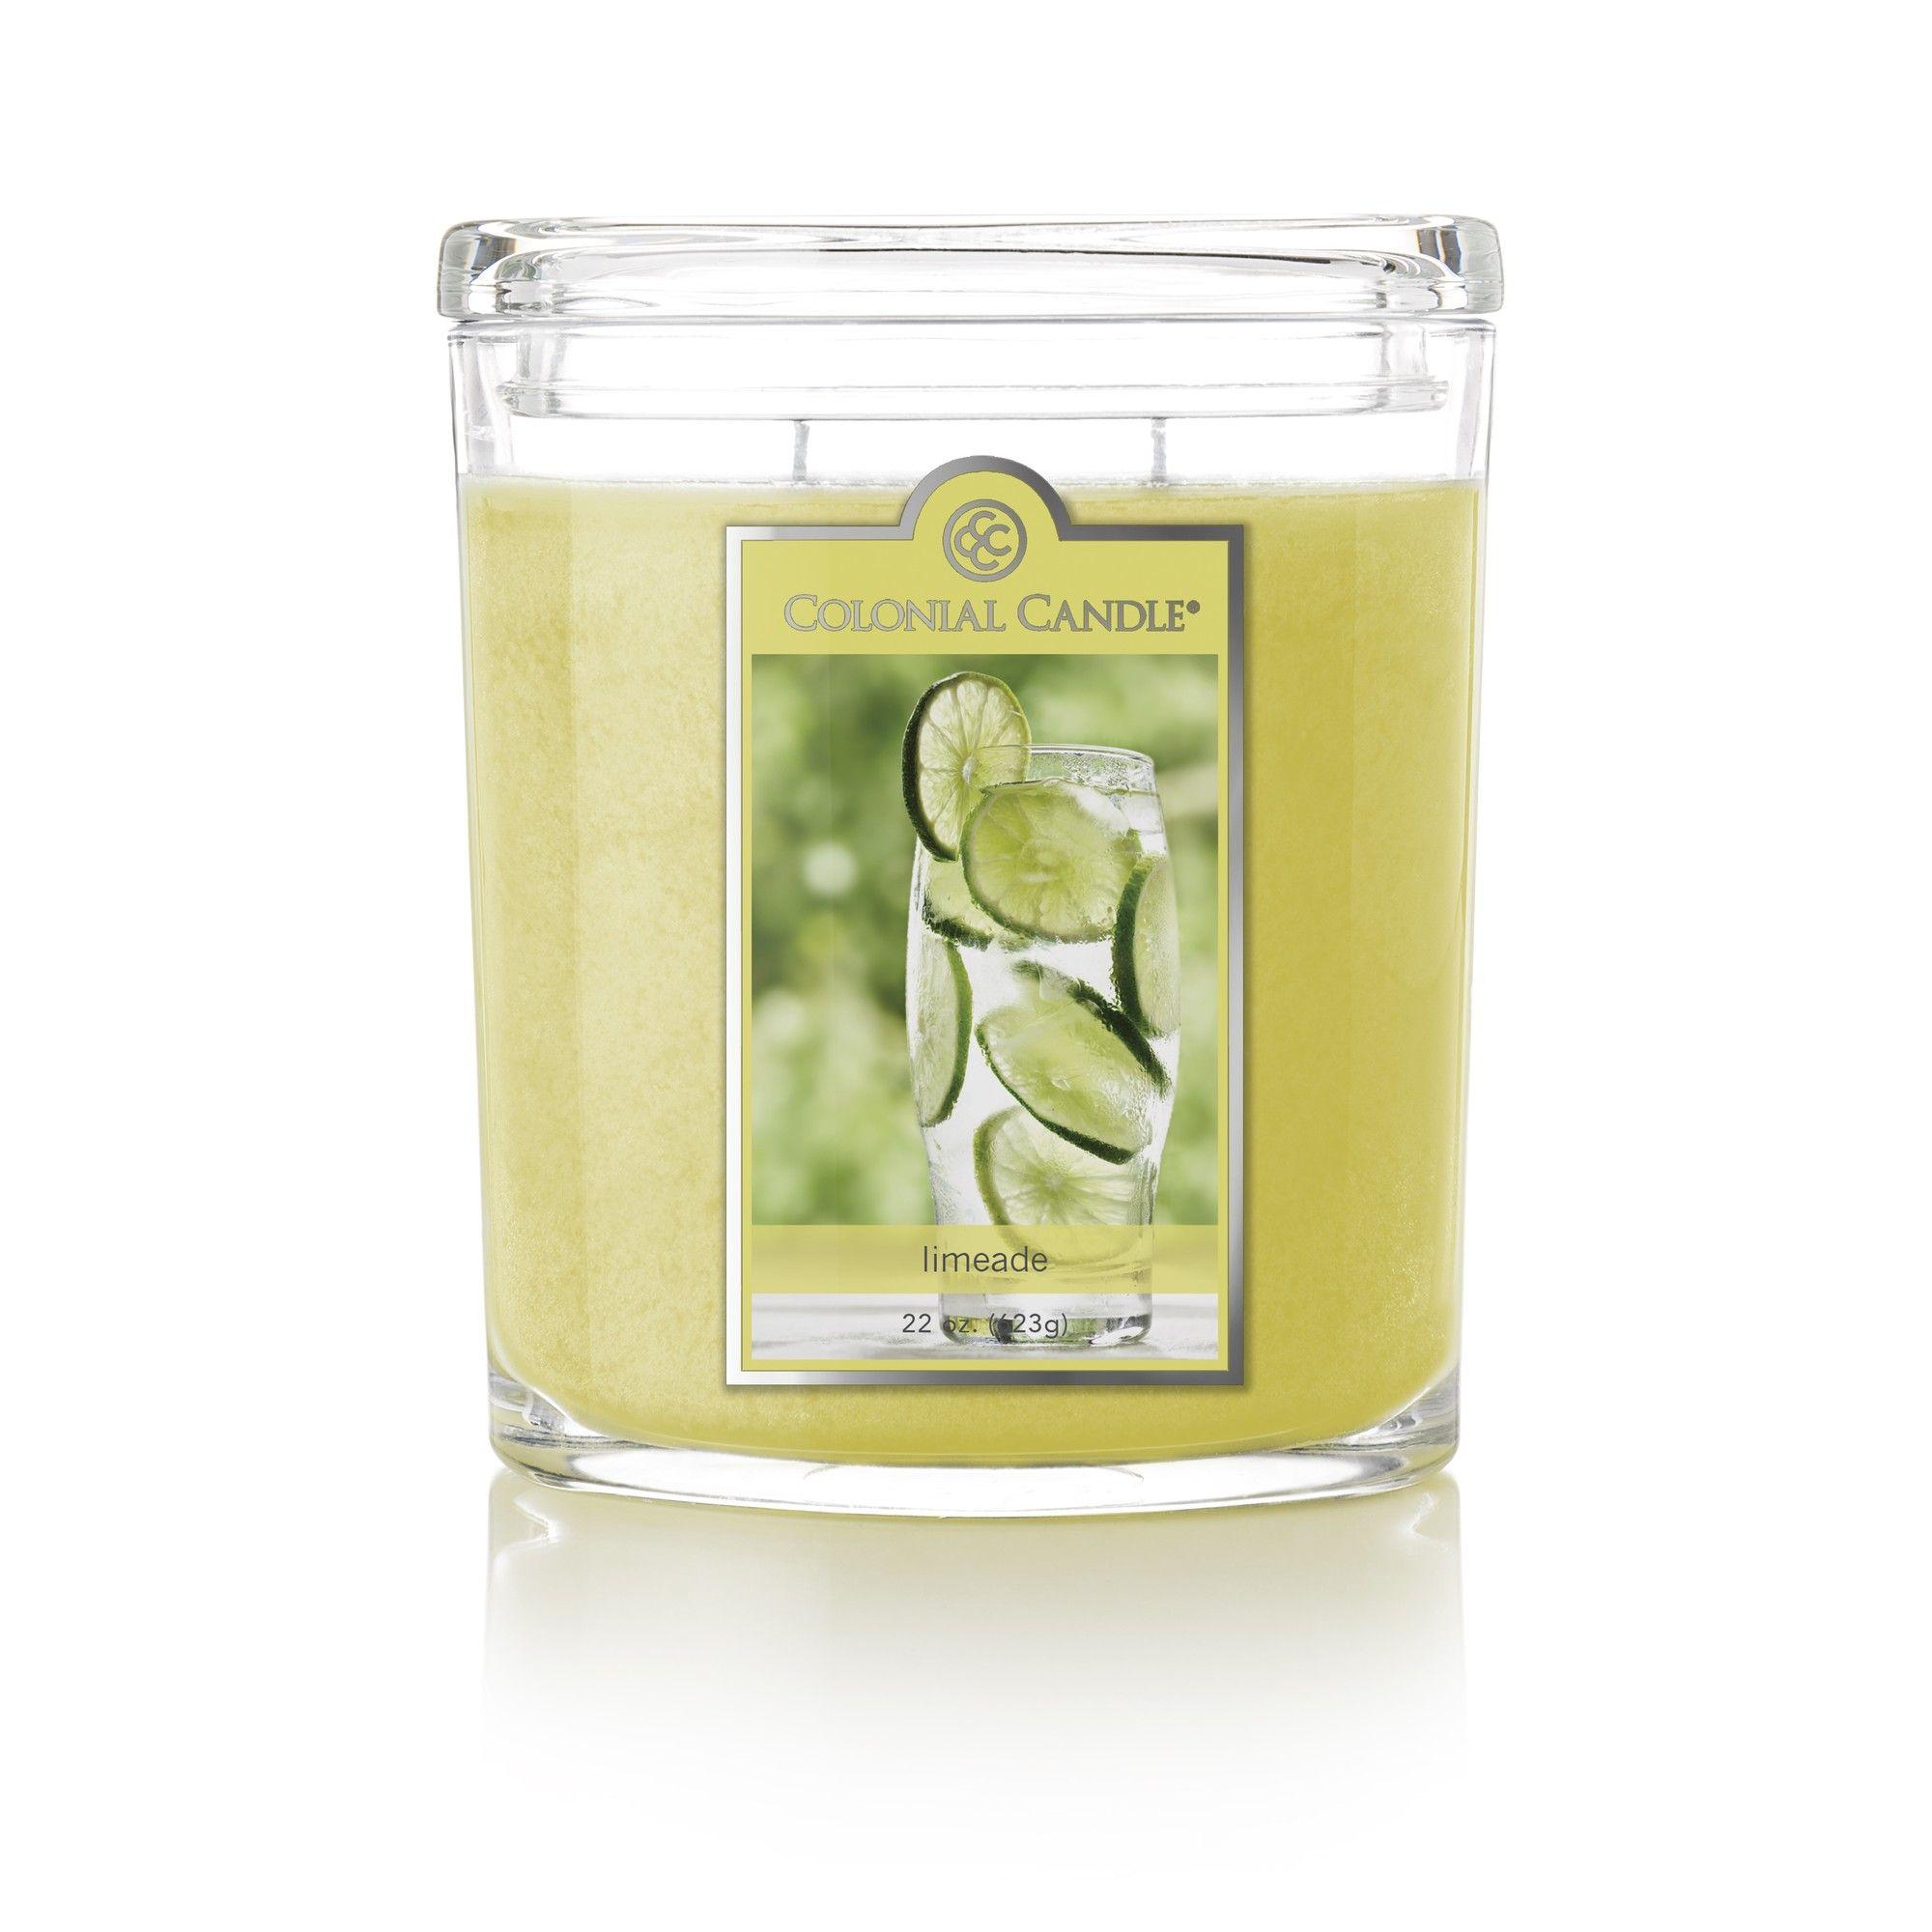 Limeade Scent Jar Candle